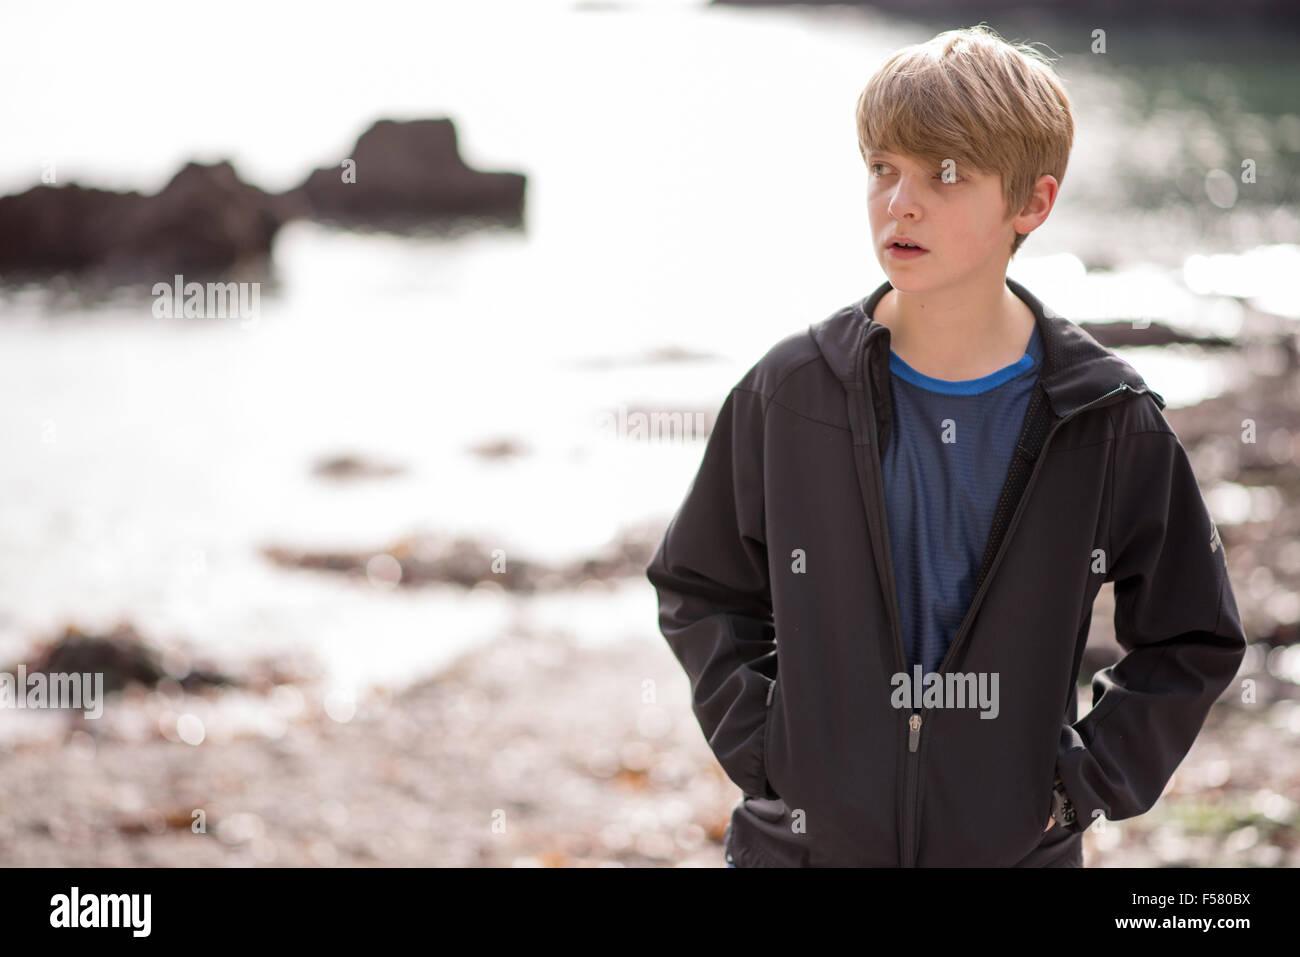 Rubio blanco adolescente en una chaqueta negra camina sola en una playa mirando triste y desgraciada en otoño de sol Foto de stock